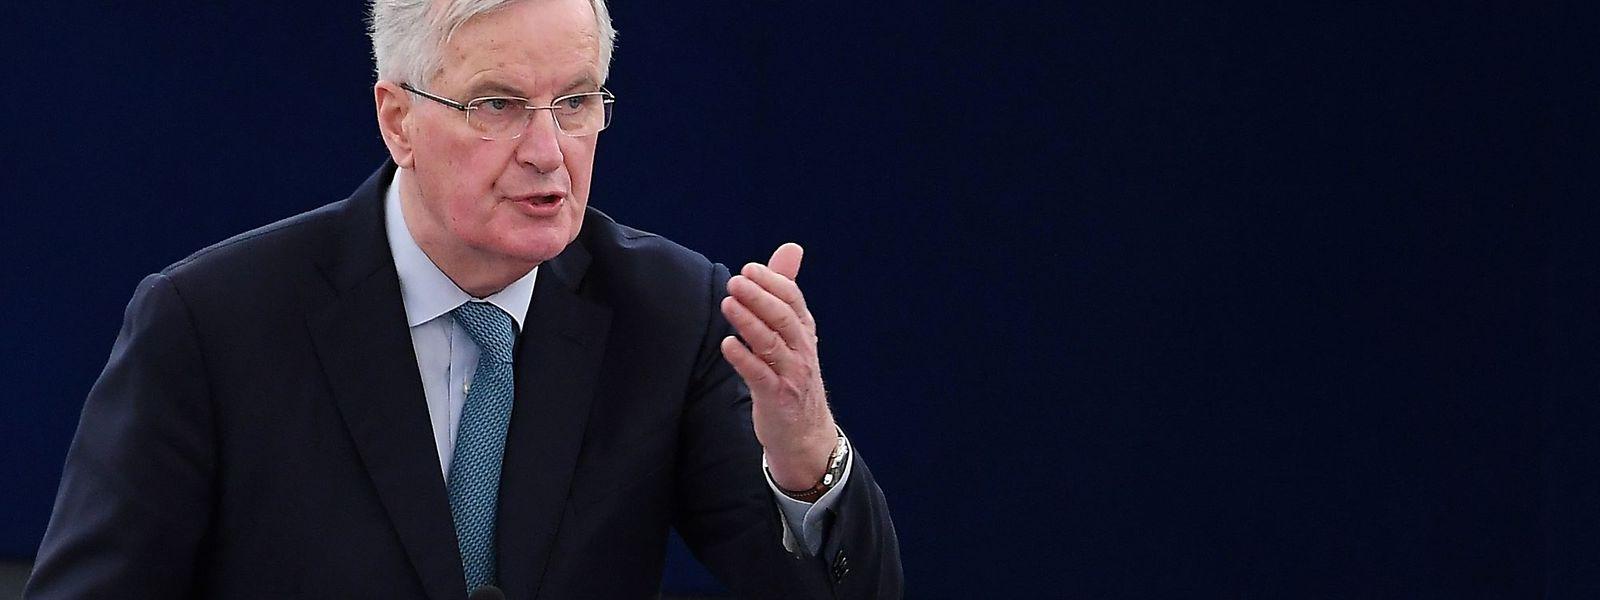 Pour Michel Barnier, le négociateur en chef de l'UE, le Brexit n'a aucune valeur ajoutée.